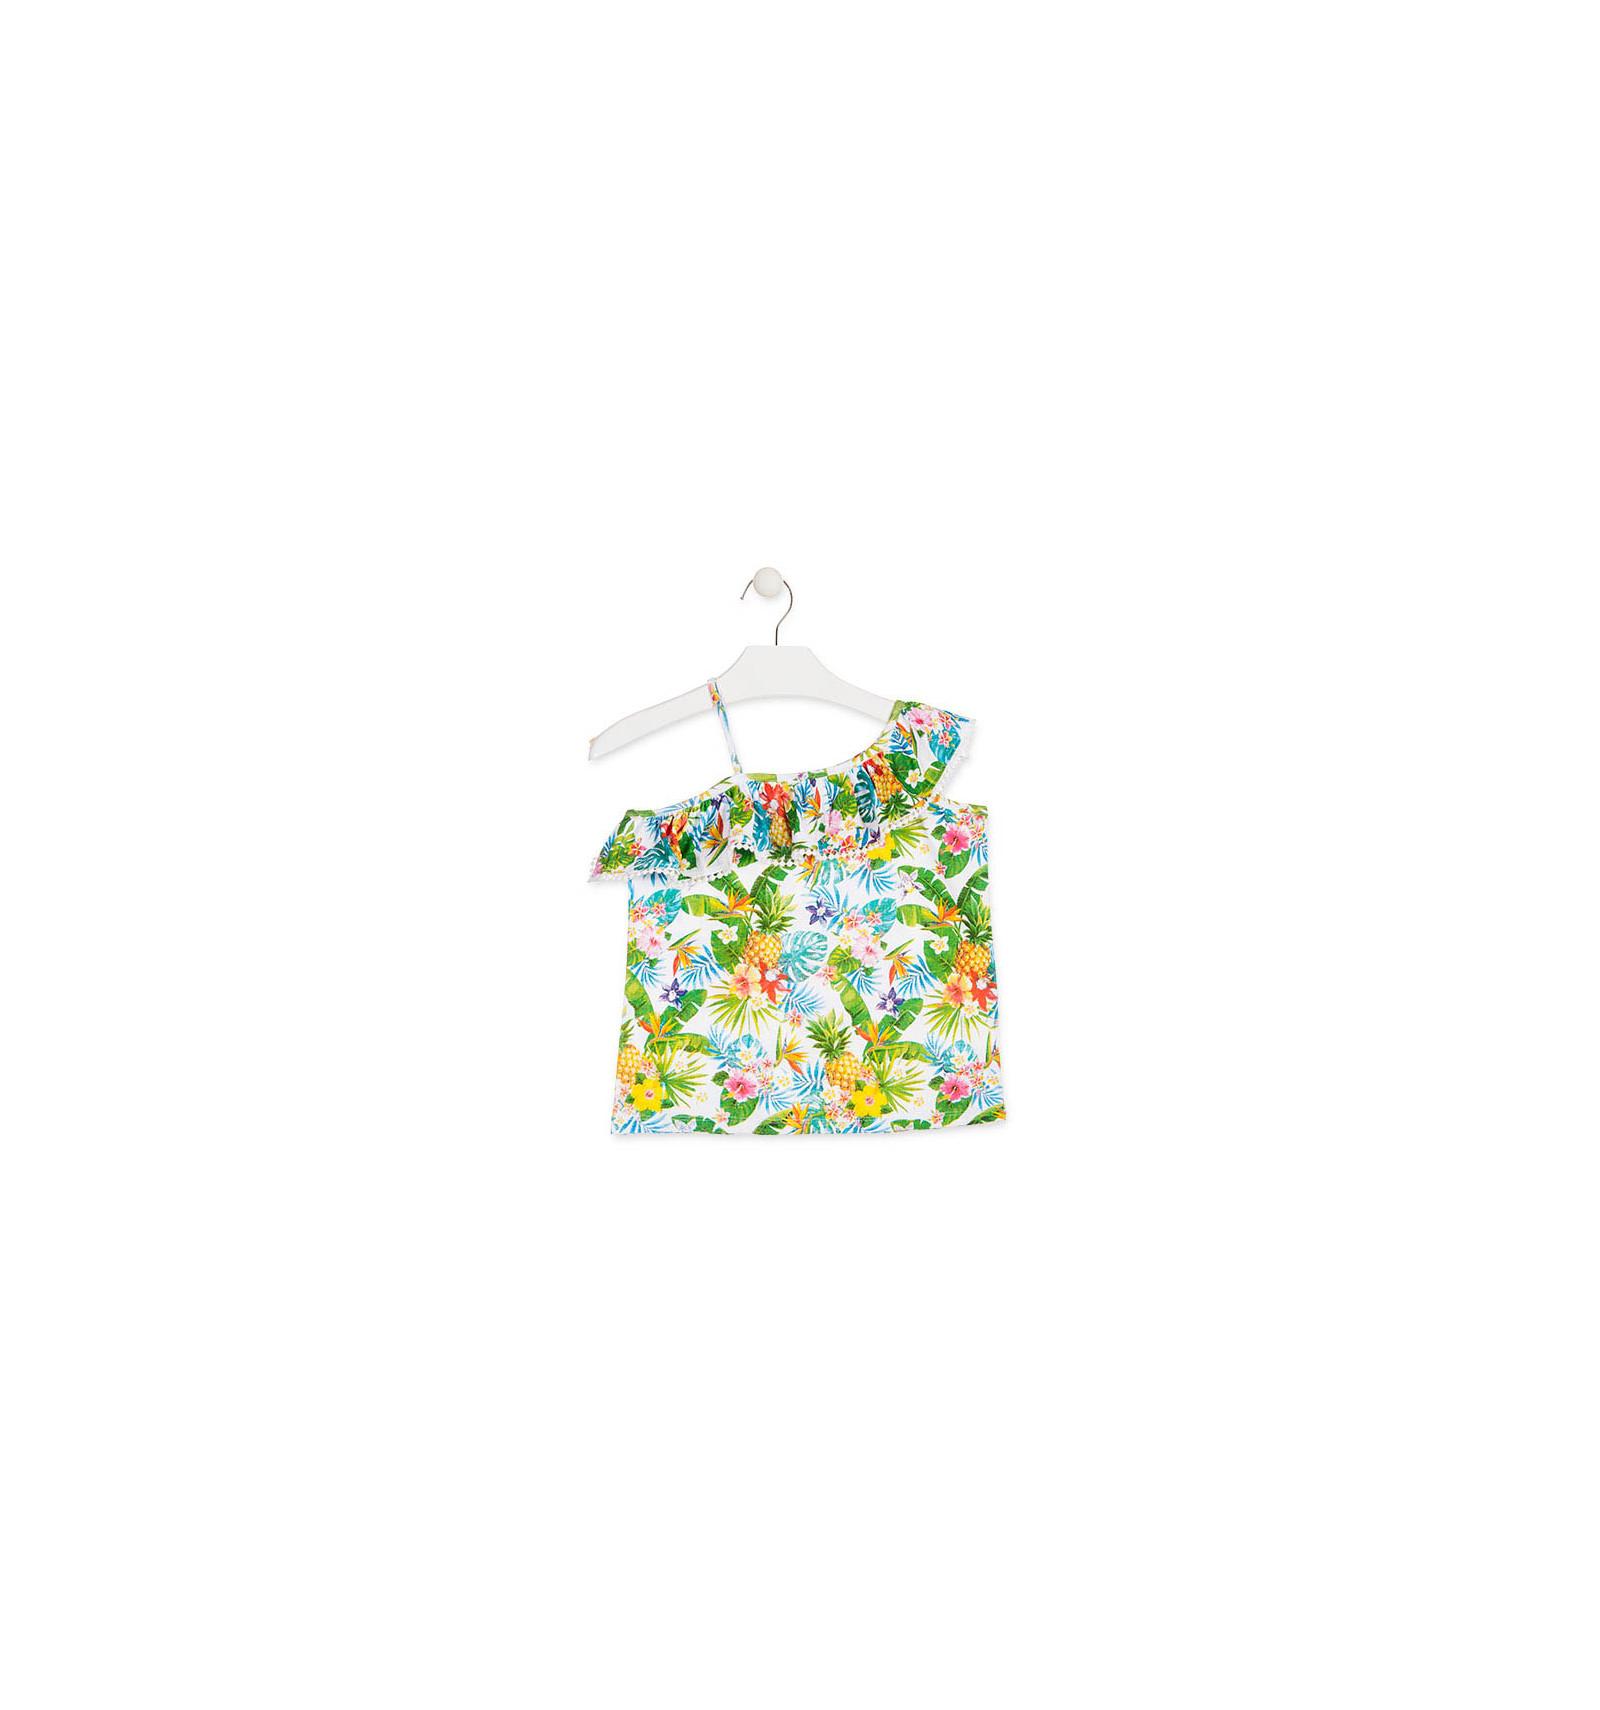 7723c2709 Losan Camiseta para niña de tirantes con estampado tropical